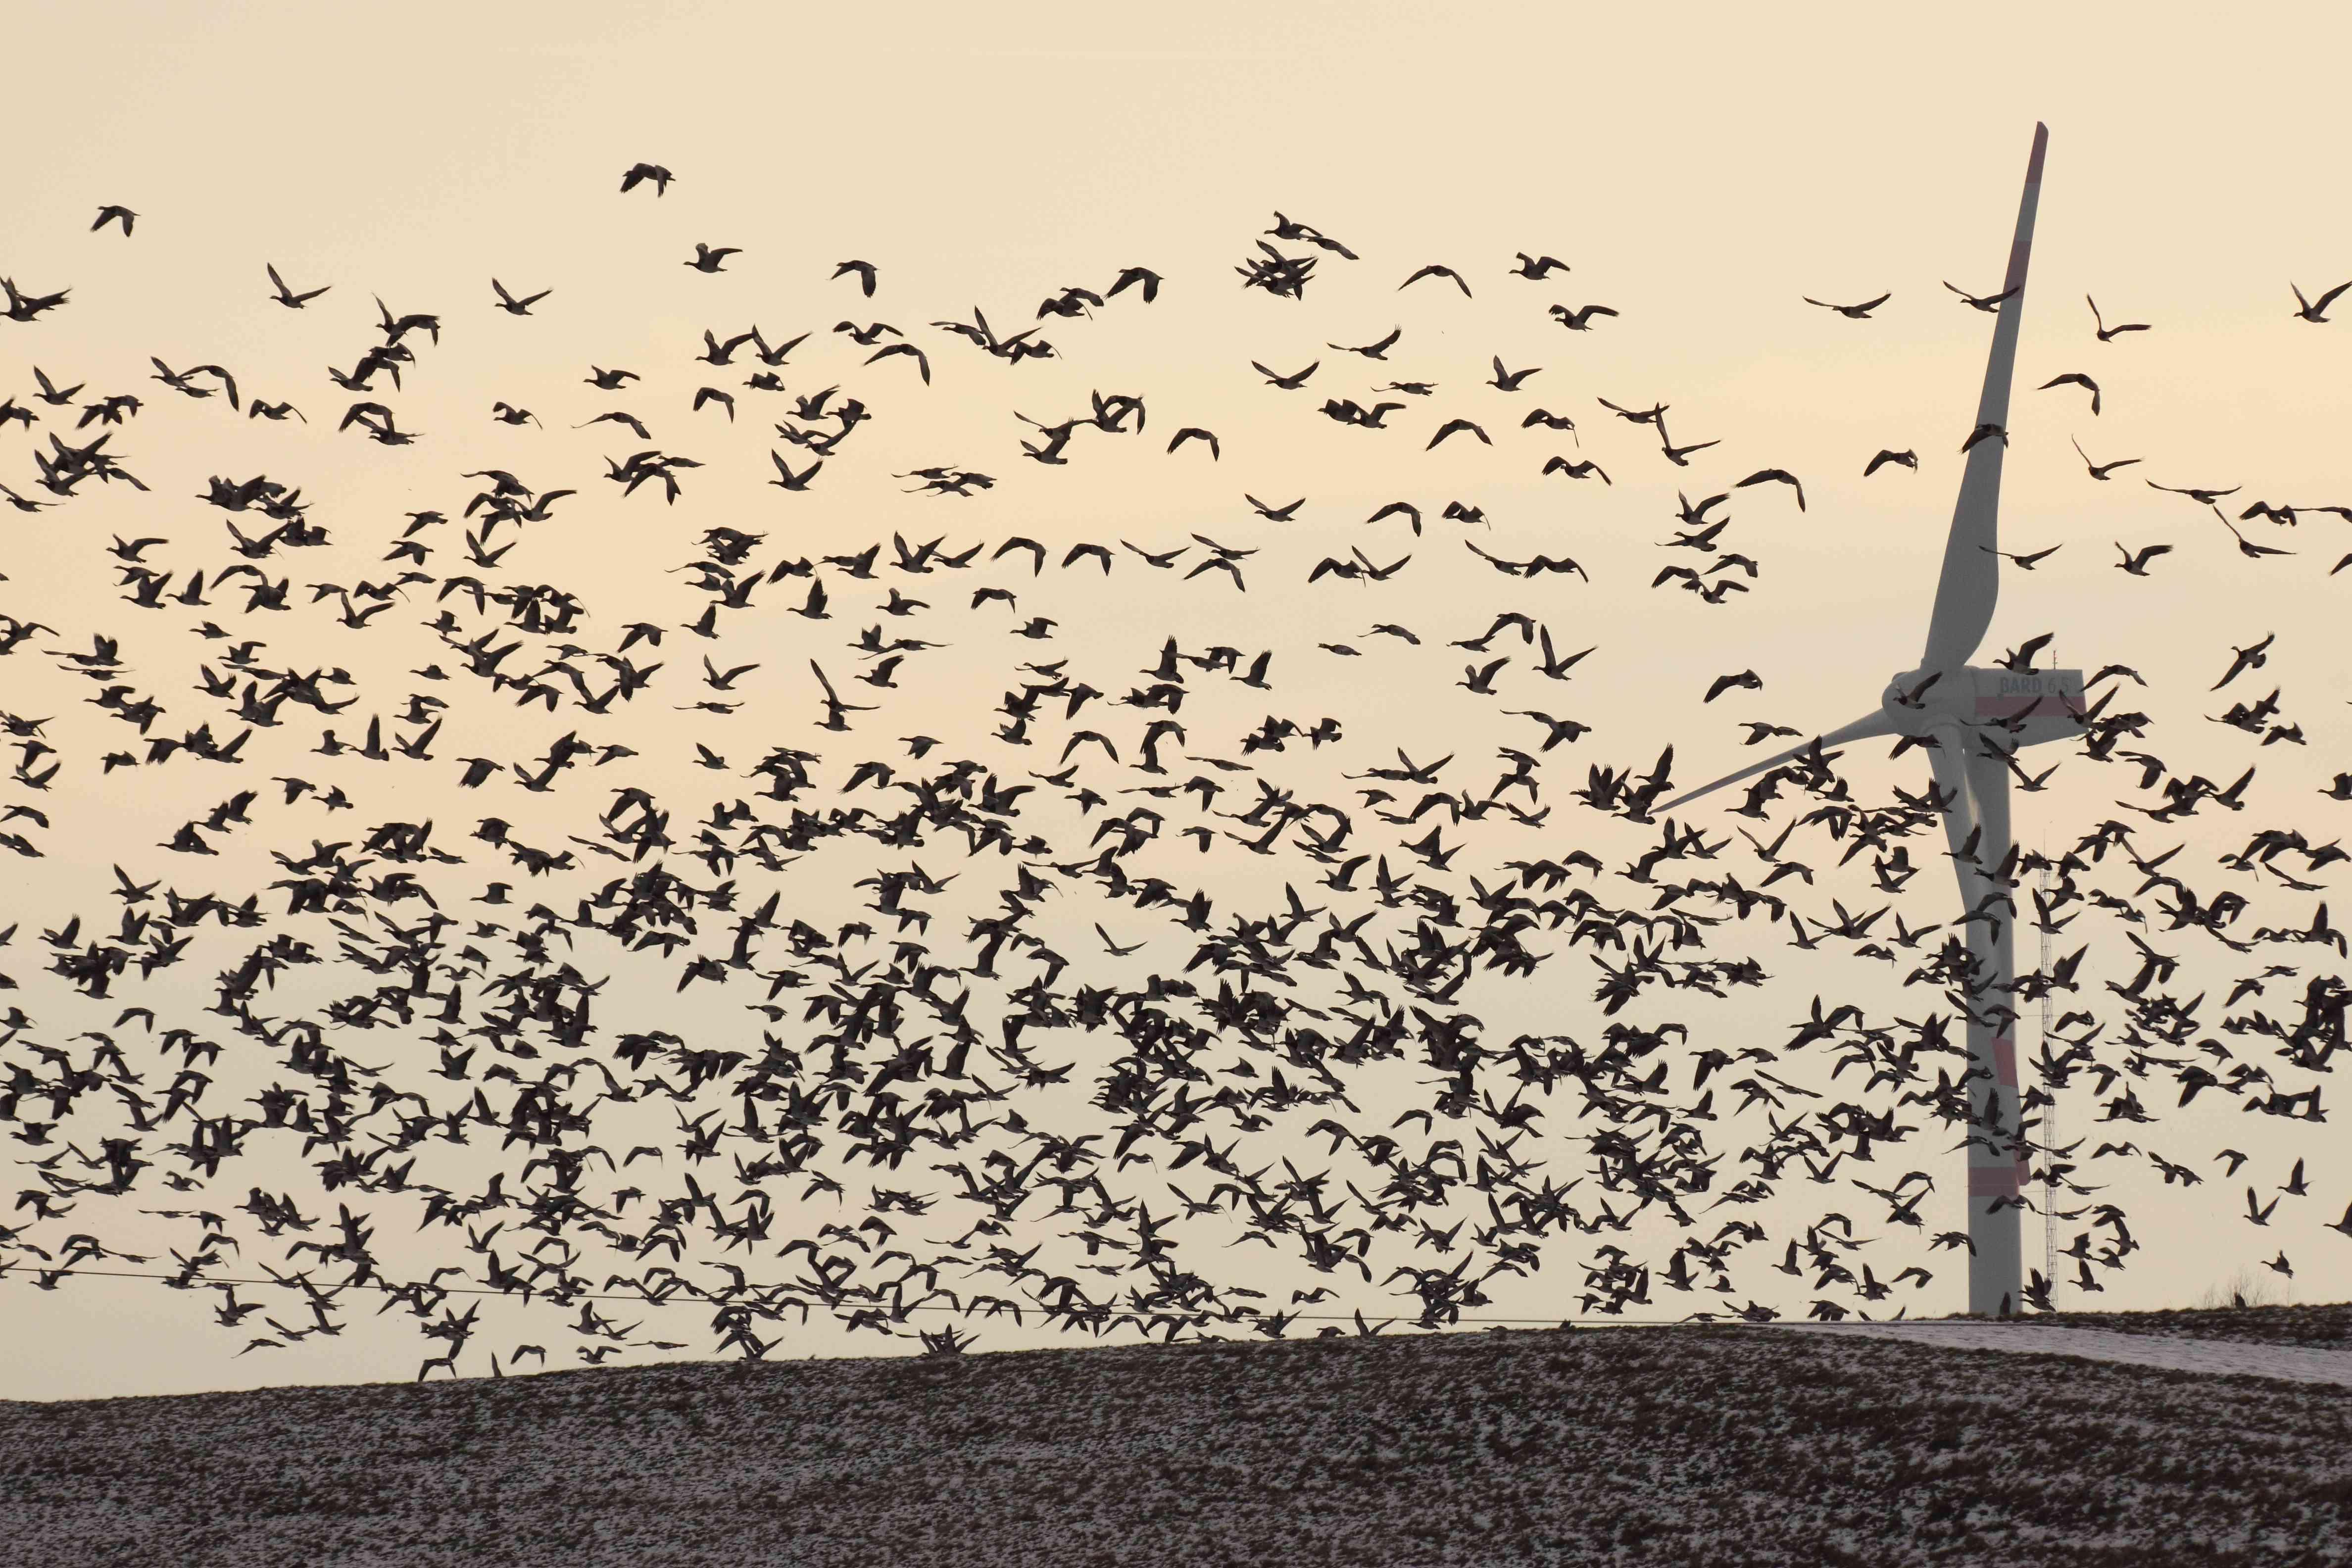 flock of birds flying near wind turbine